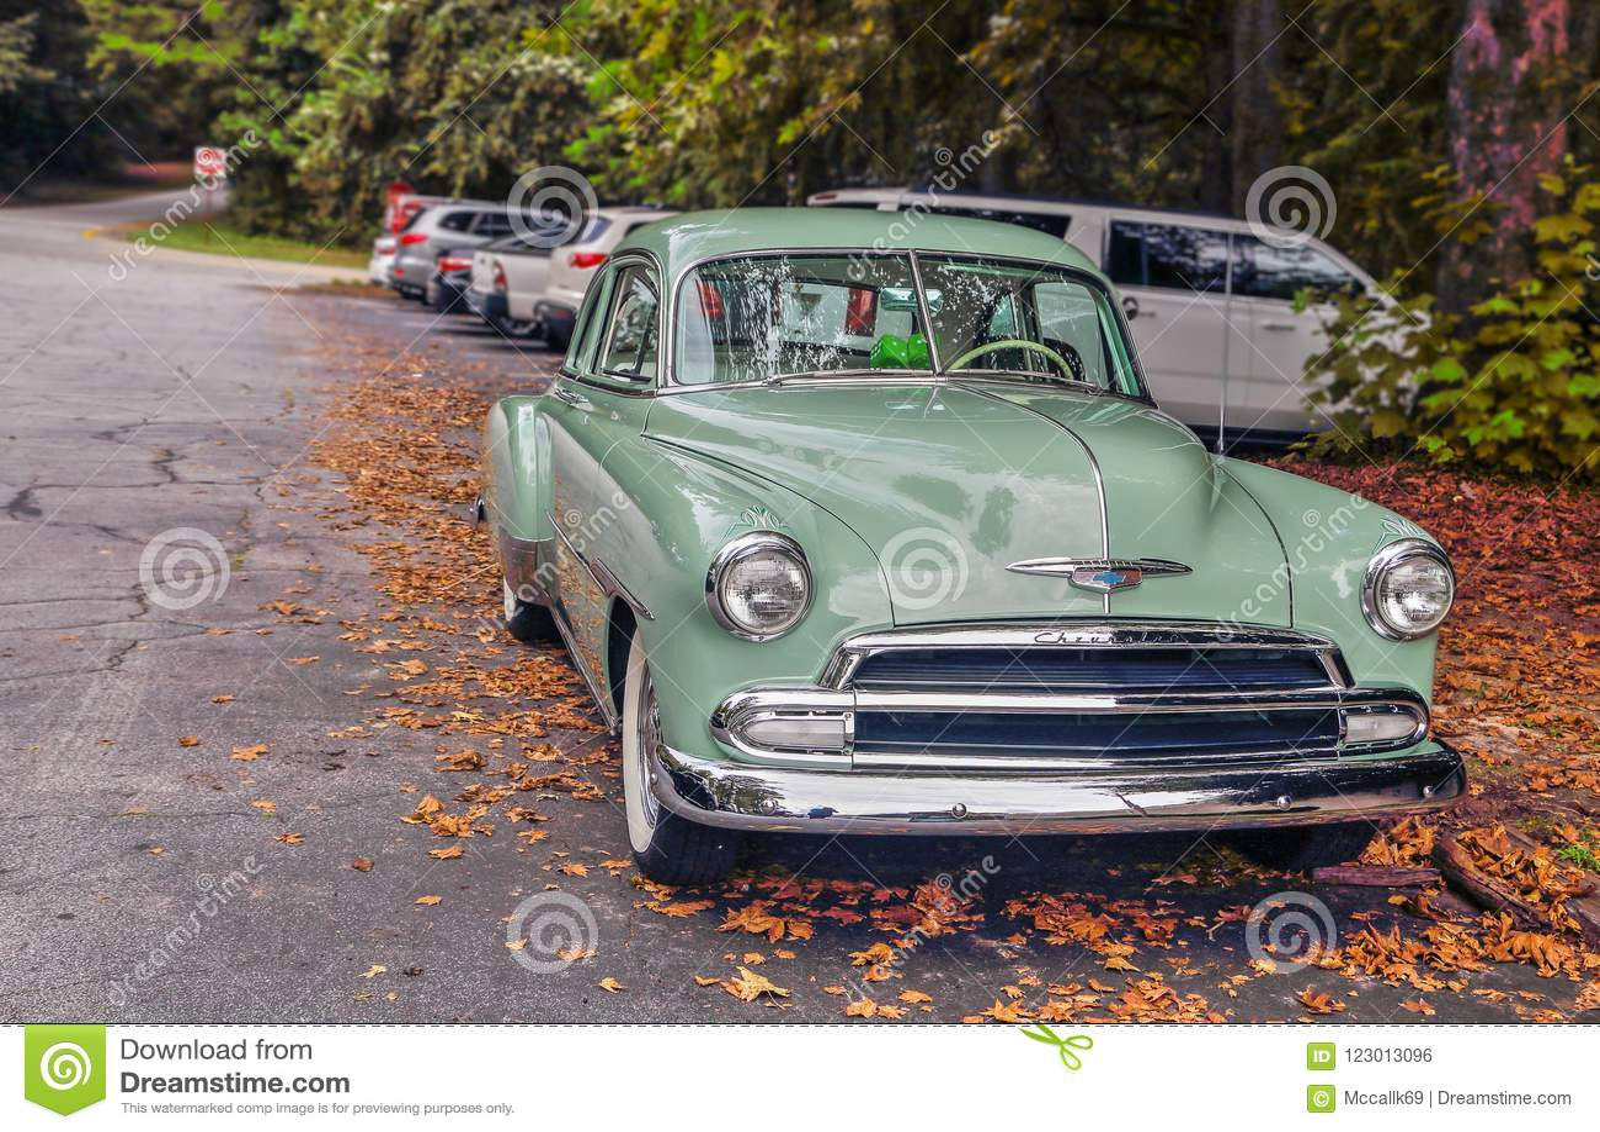 Negentienhonderdvijftig Chevy Deluxe Mint Green